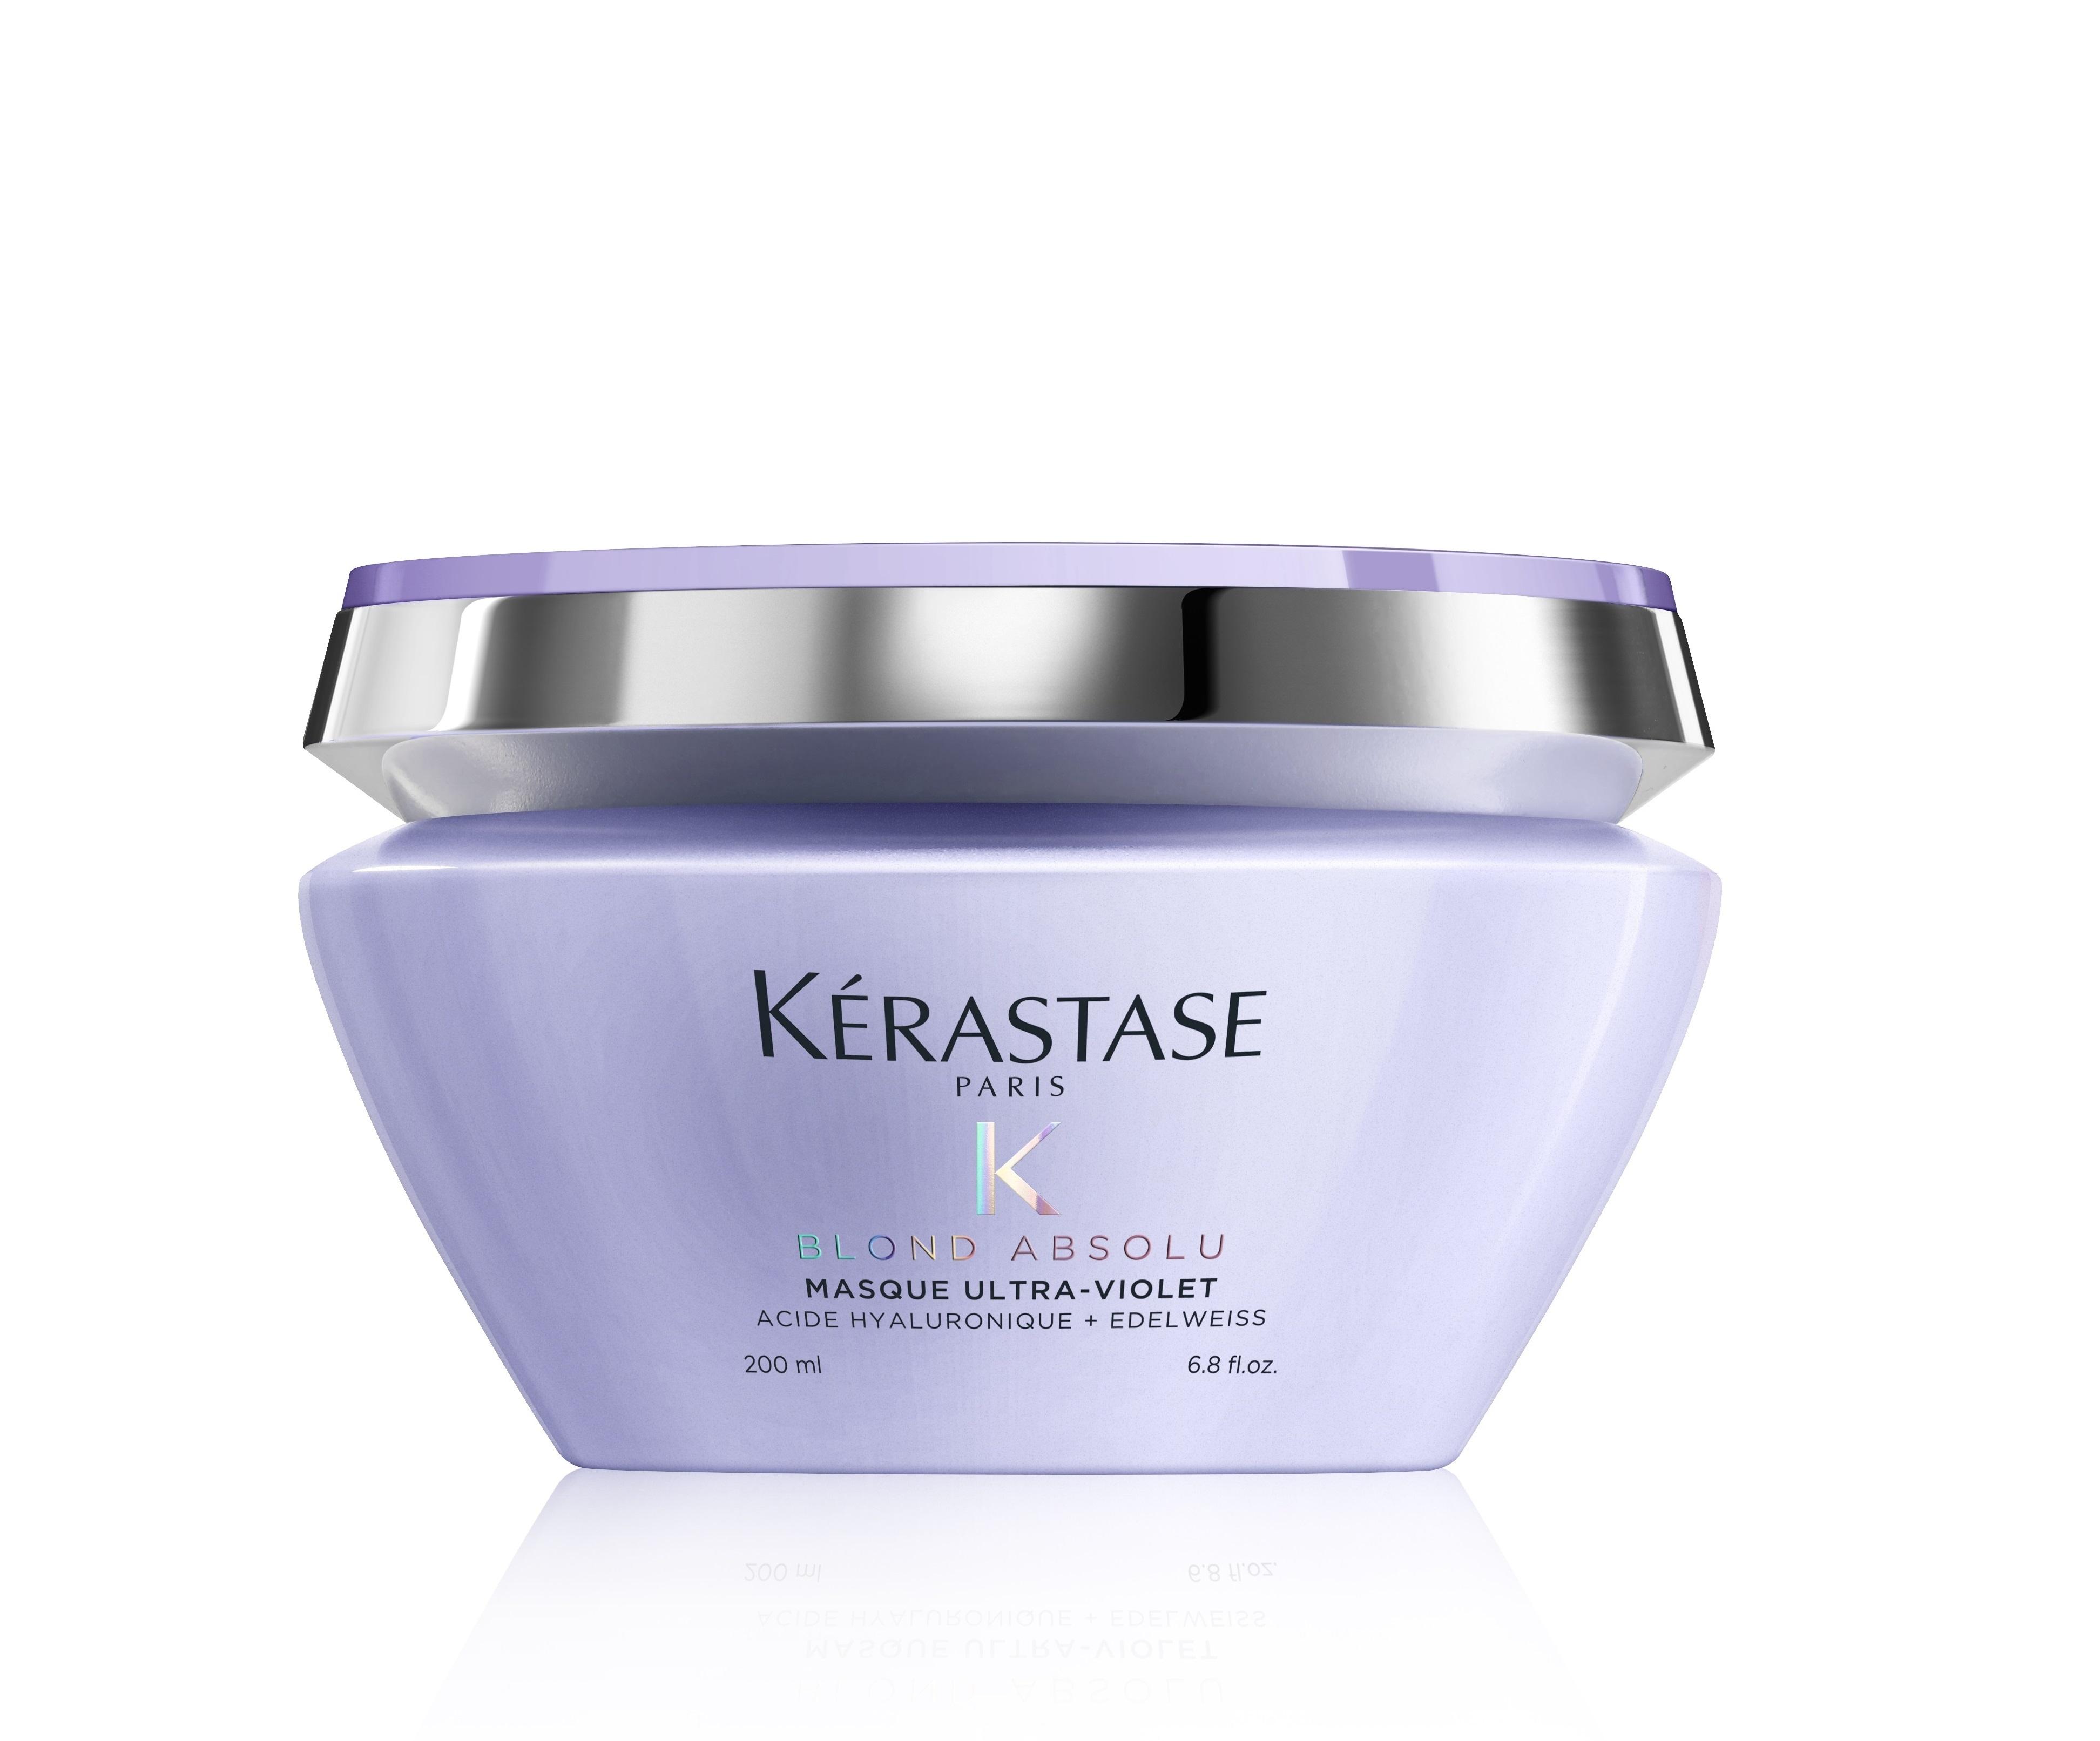 Купить KERASTASE Маска питательная с фиолетовым пигментом Ультра-Виолет / БЛОНД АБСОЛЮ 200 мл